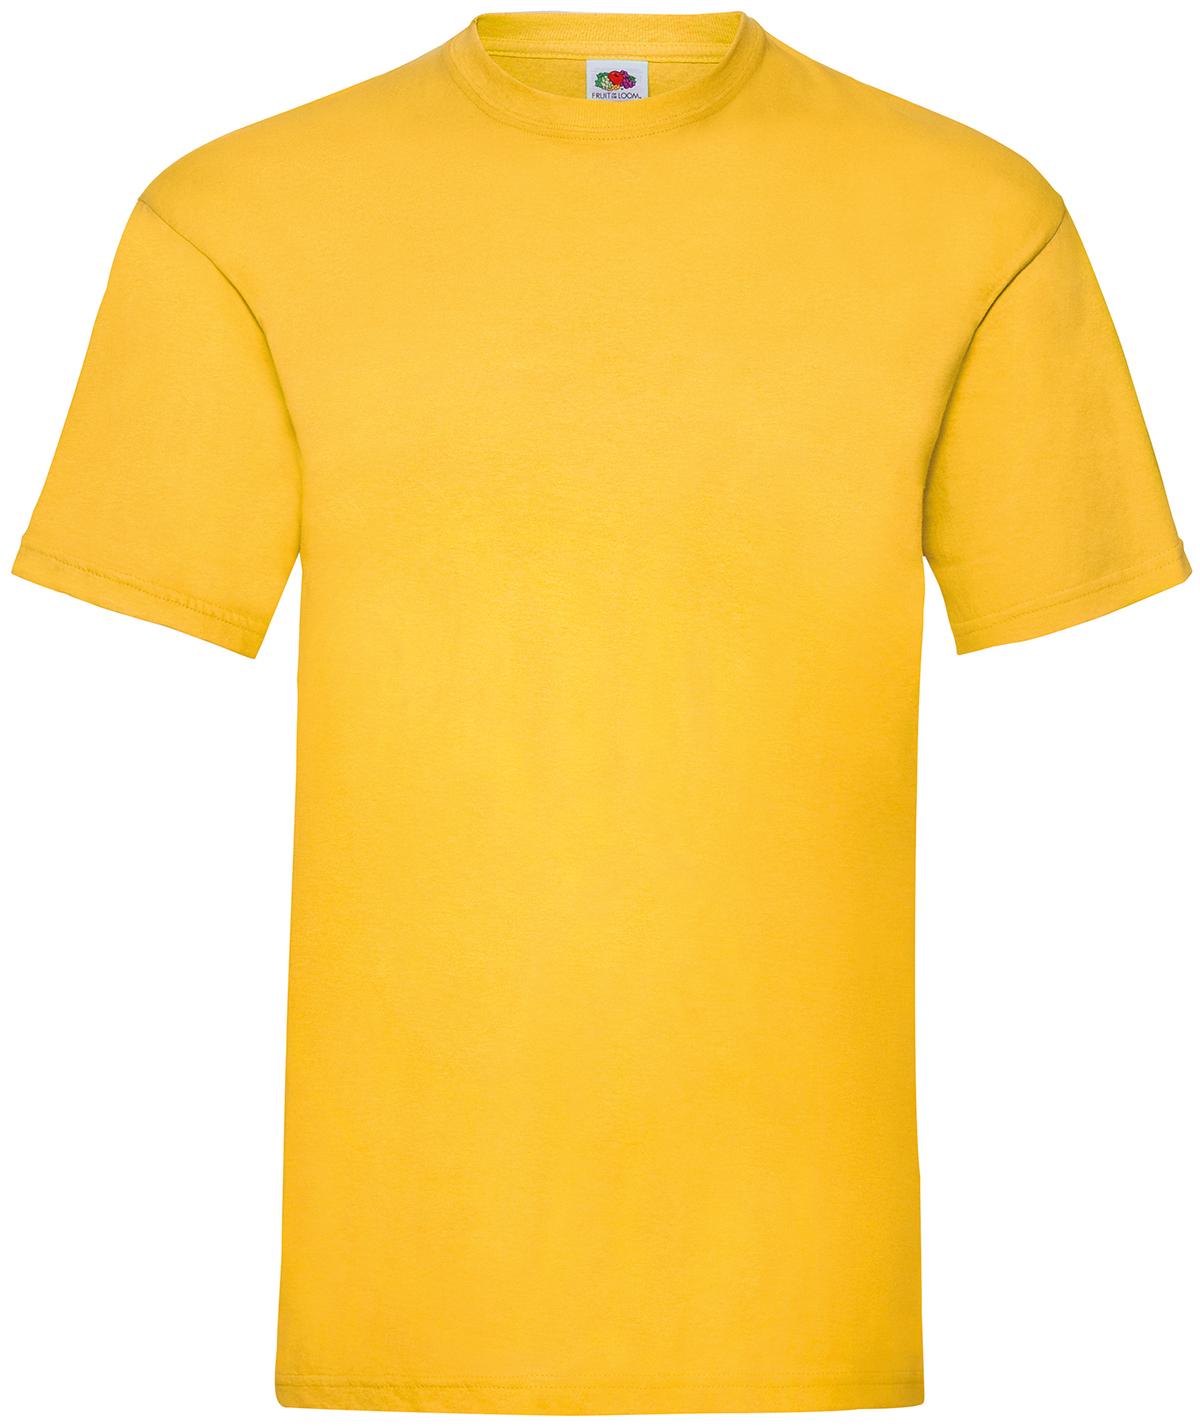 Indexbild 29 - Fruit of the Loom UNISEX T-Shirt Bestseller Top Angebot Herren Damen NEU